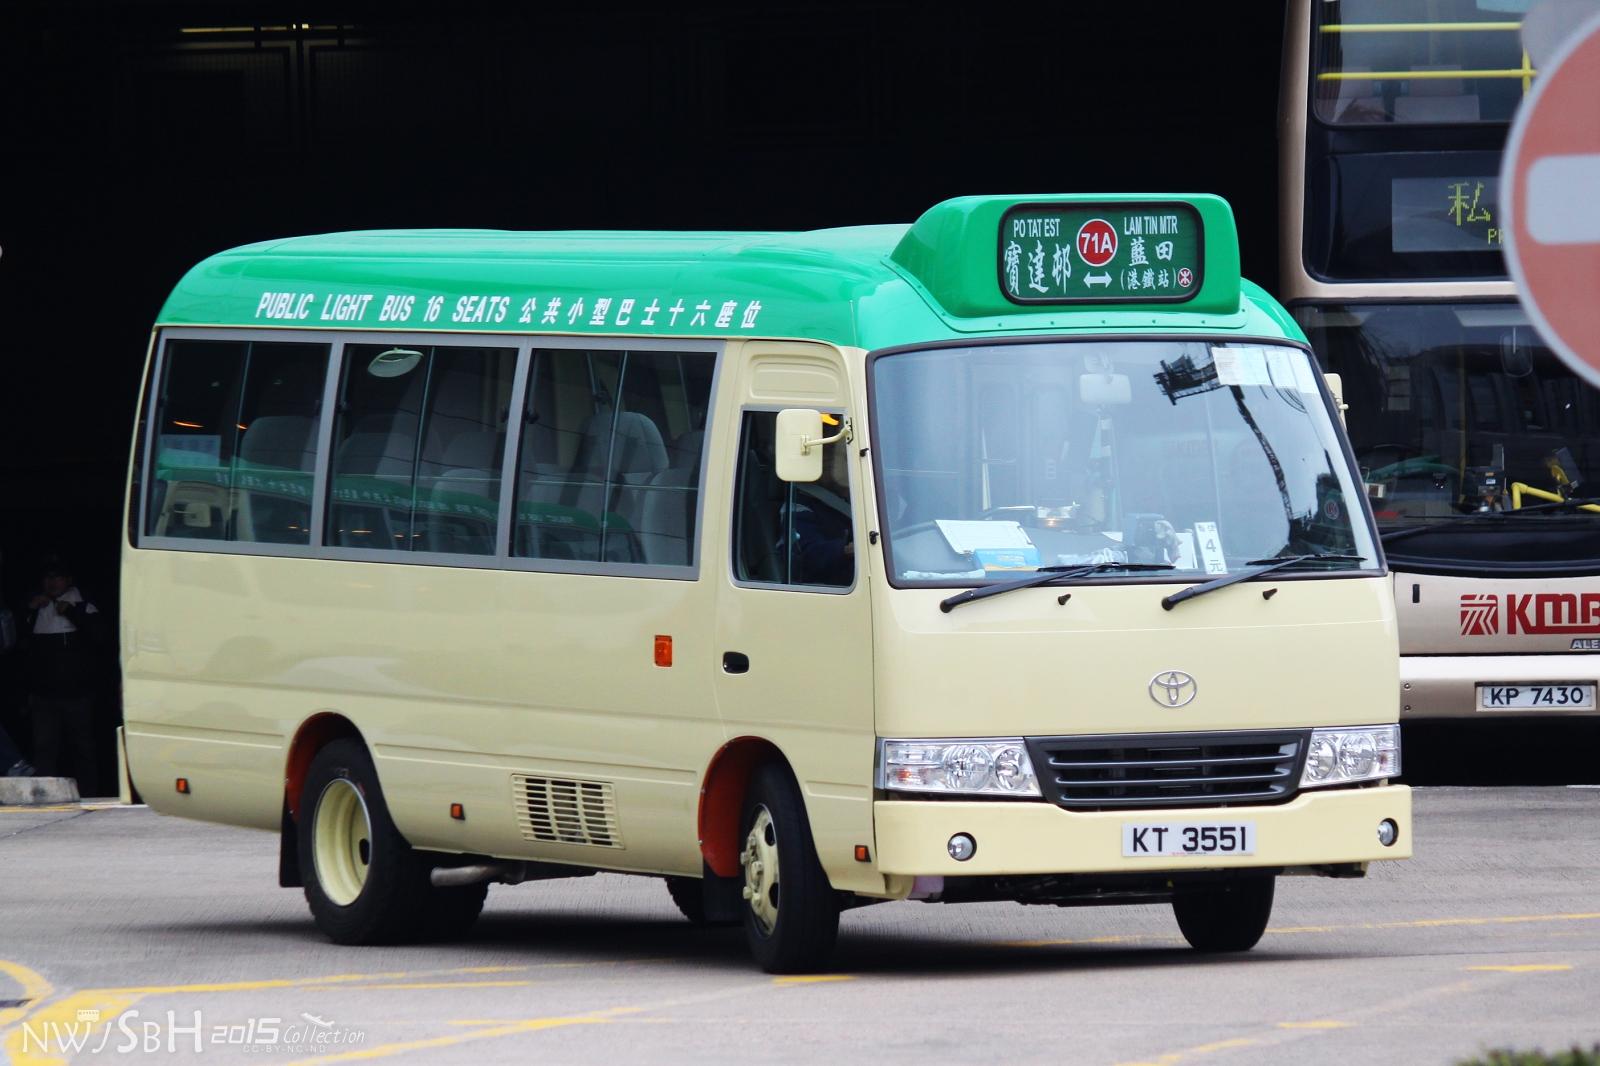 九龍專綫小巴71A線